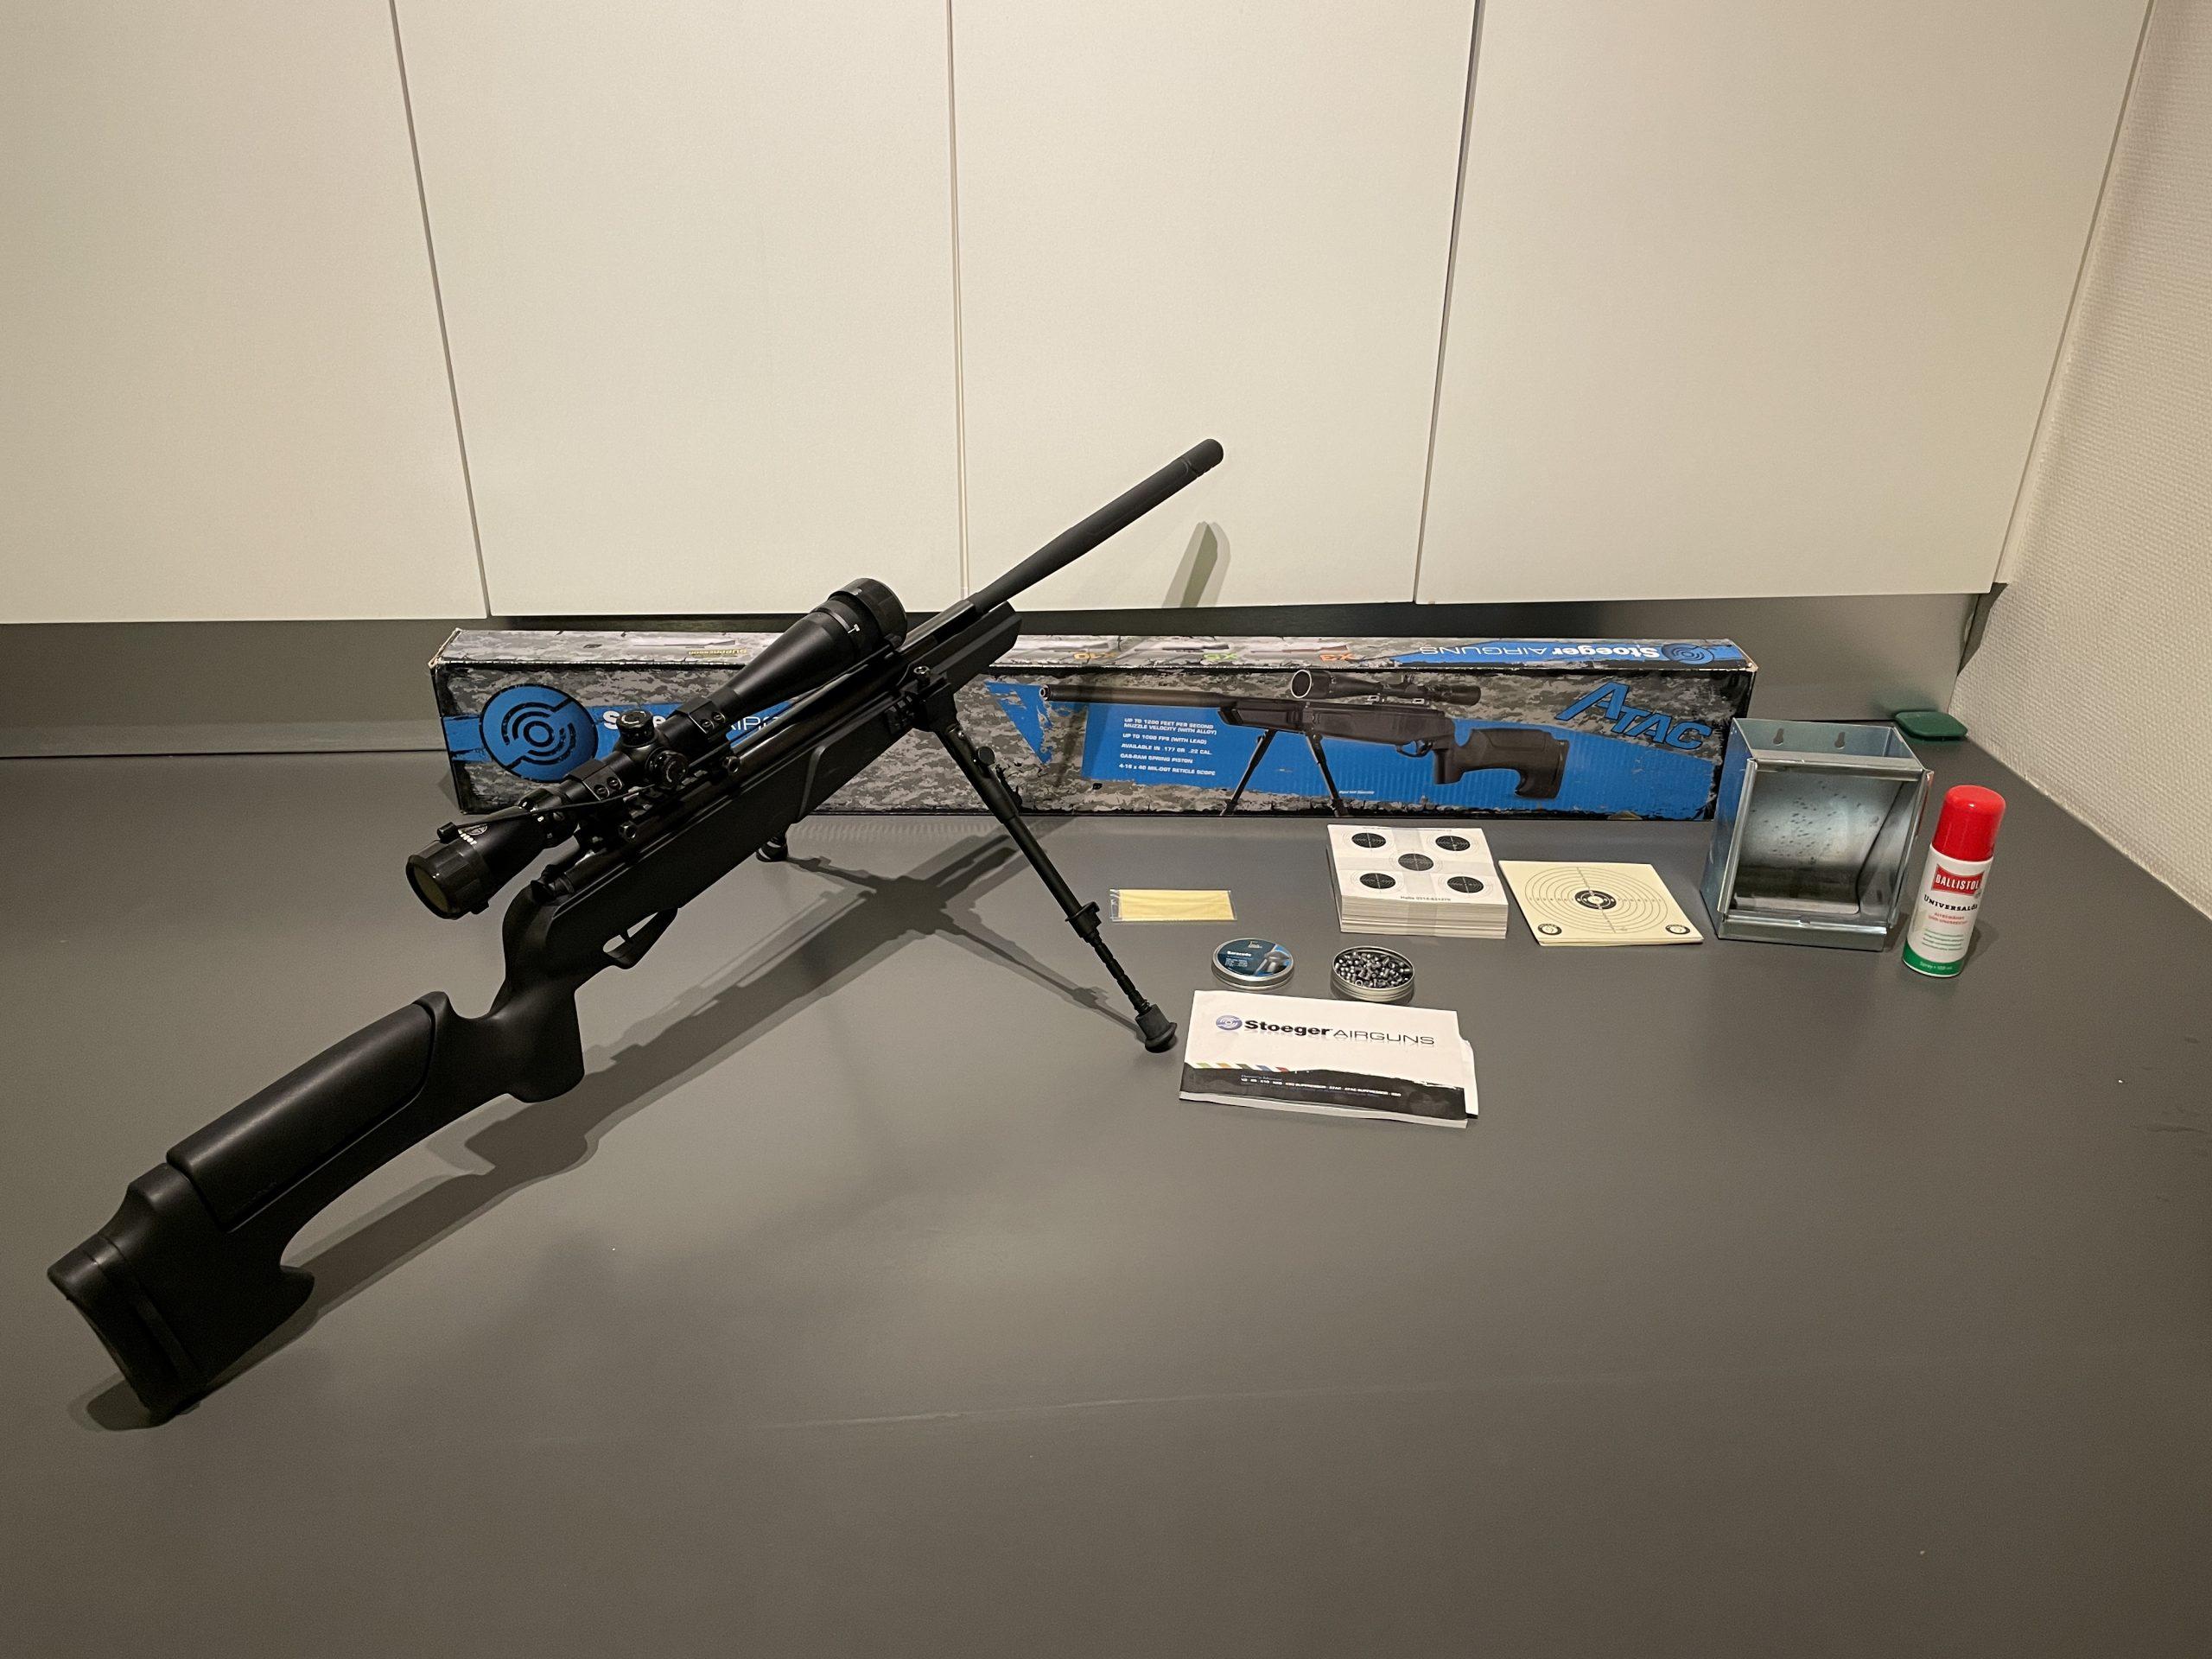 F6E448DE-47BB-4A9A-9080-03D3558E2F69